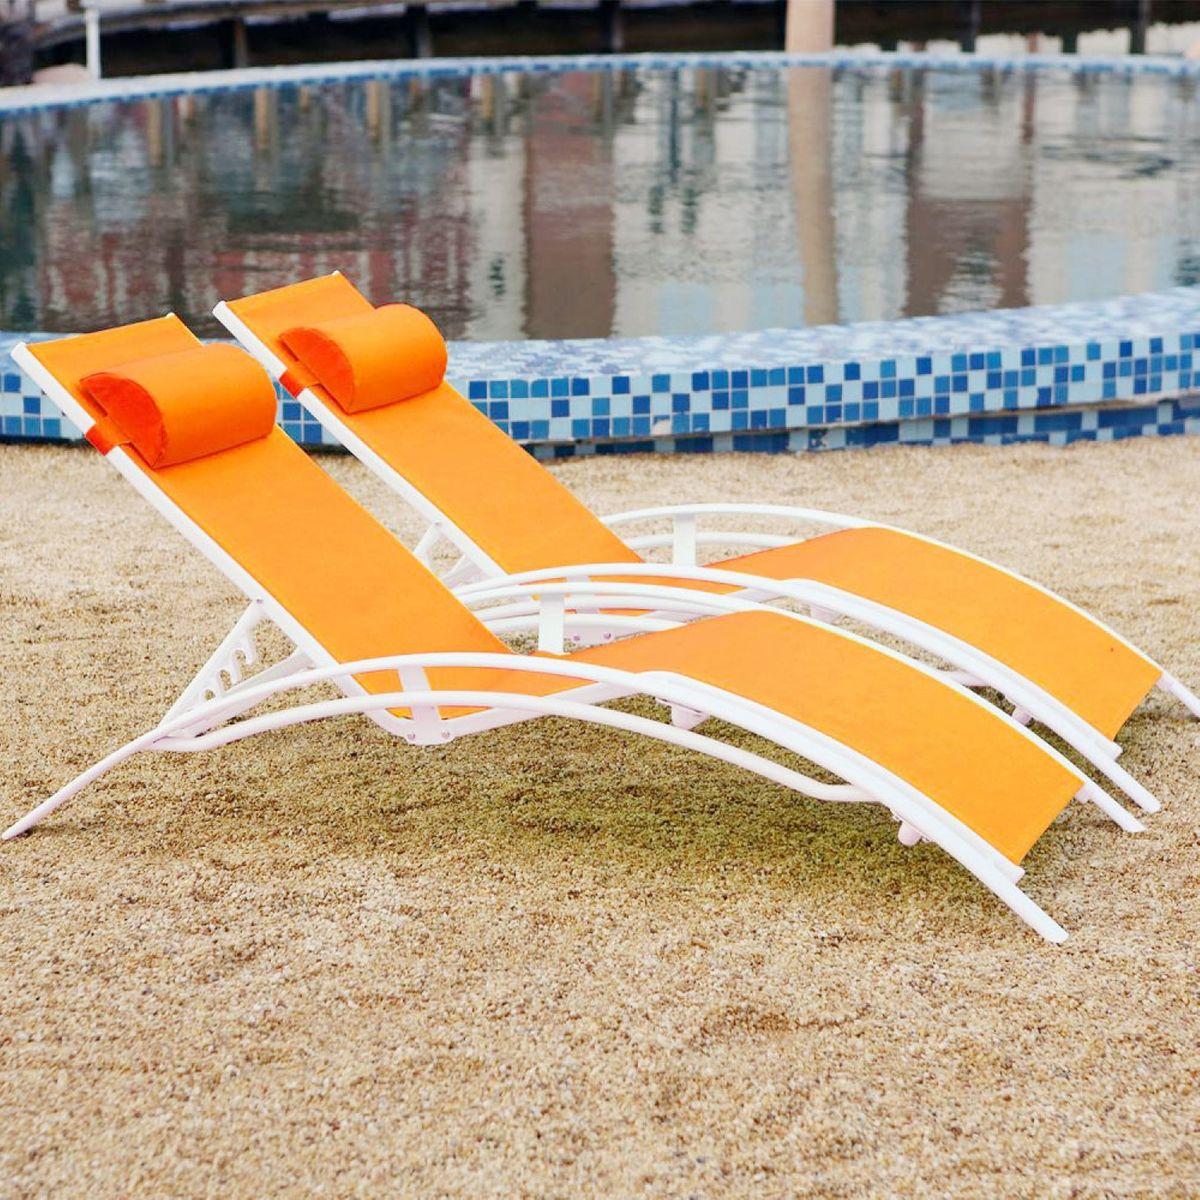 transat blanc déco orange jardin piscine pas cher